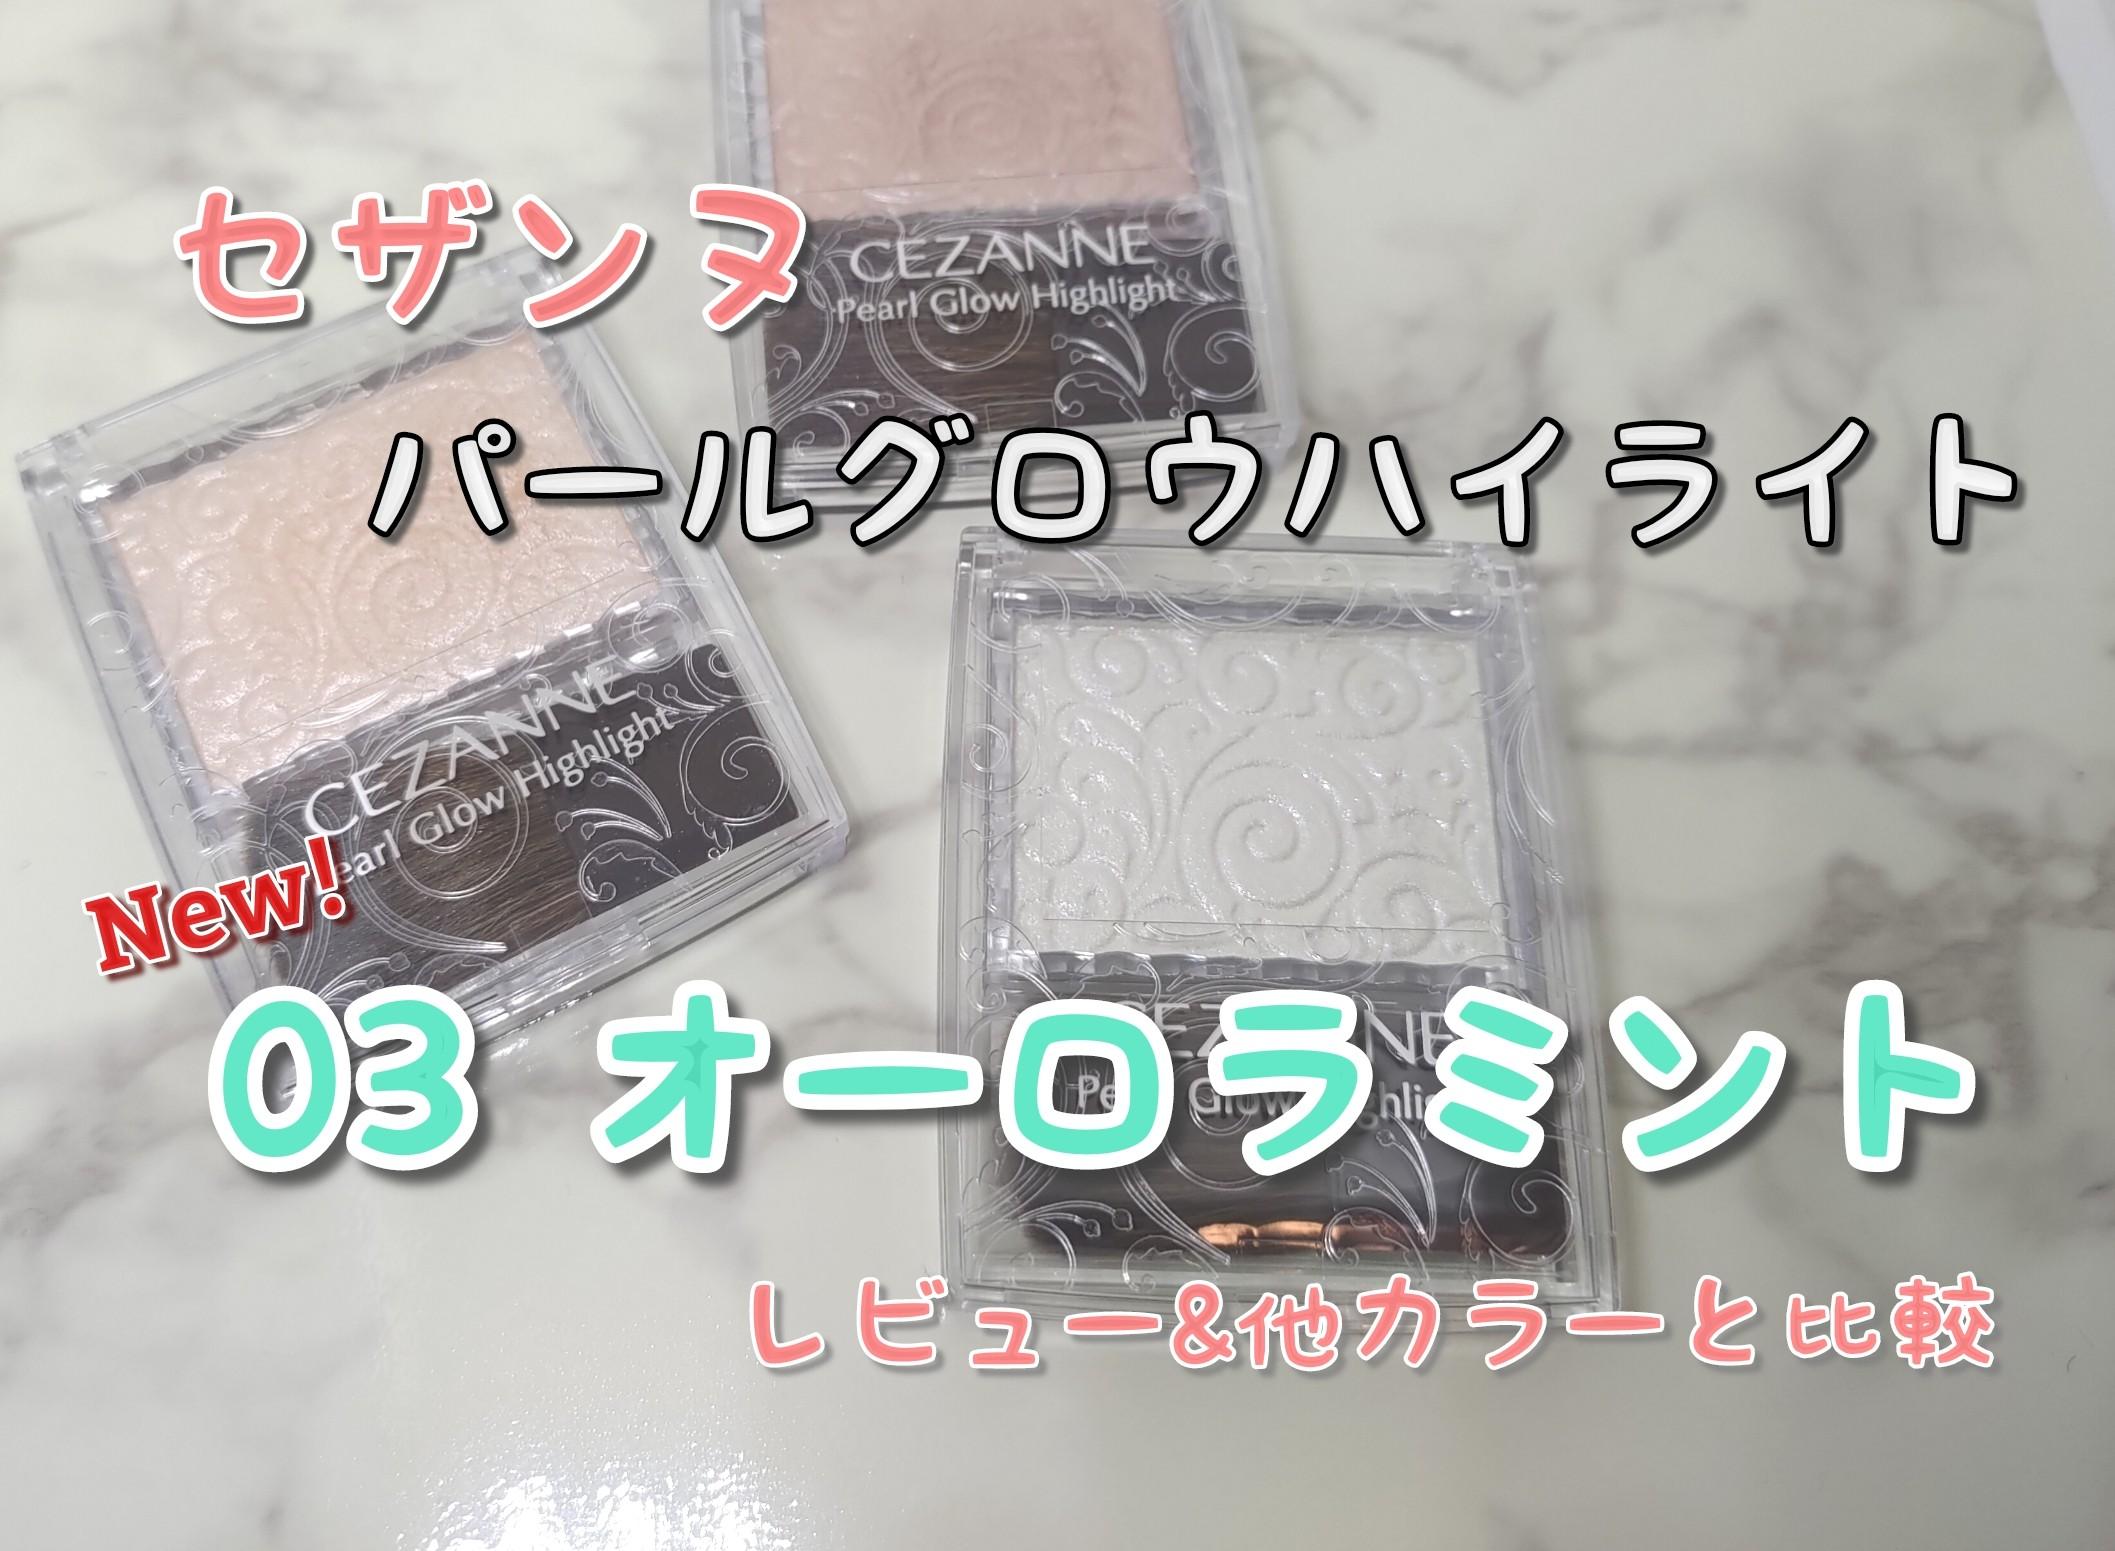 セザンヌのパールグロウハイライト新色【オーロラミント】のレビューと全3色の比較